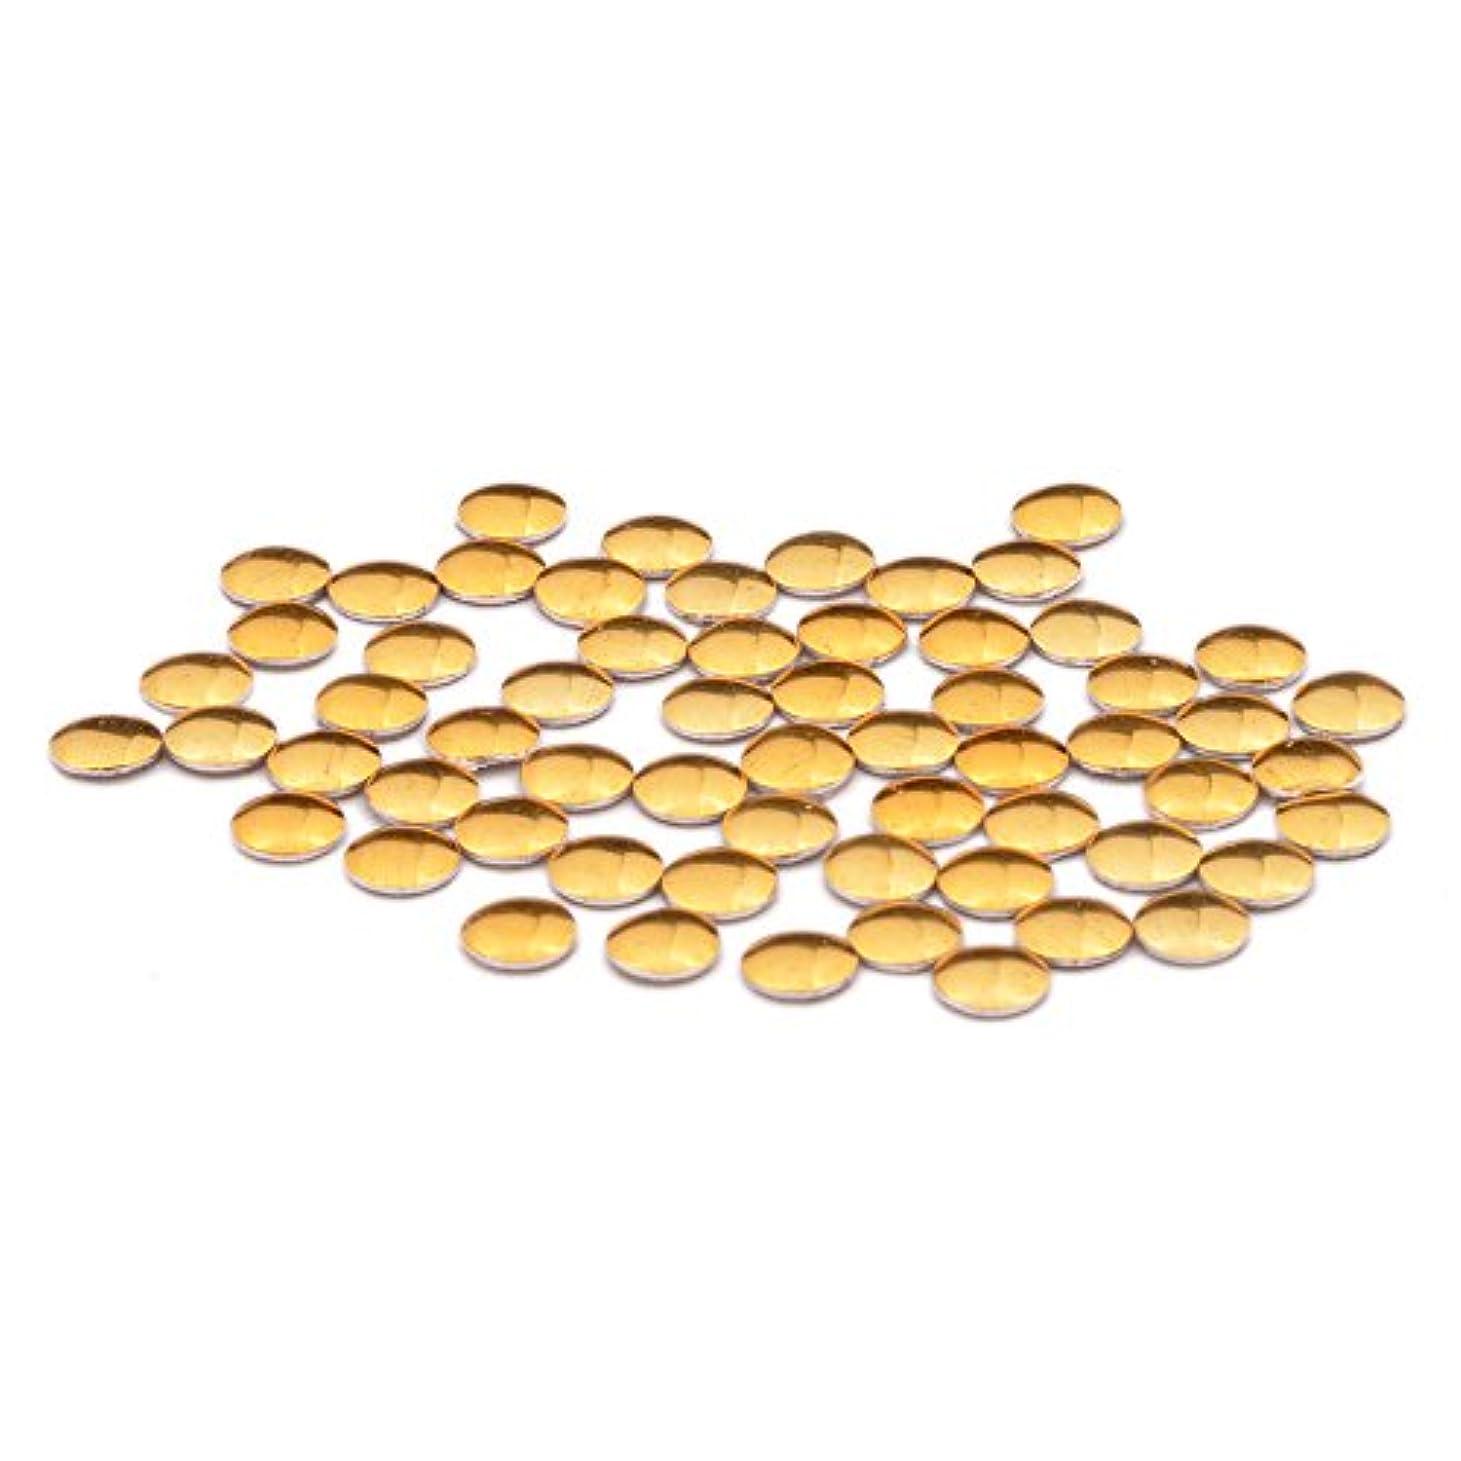 トマト軍争うラウンド メタルスタッズ 丸型(0.8mm/1mm/1.2mm/1.5mm/2mm/2.5mm/3mm)約50粒入り (1mm, ゴールド)